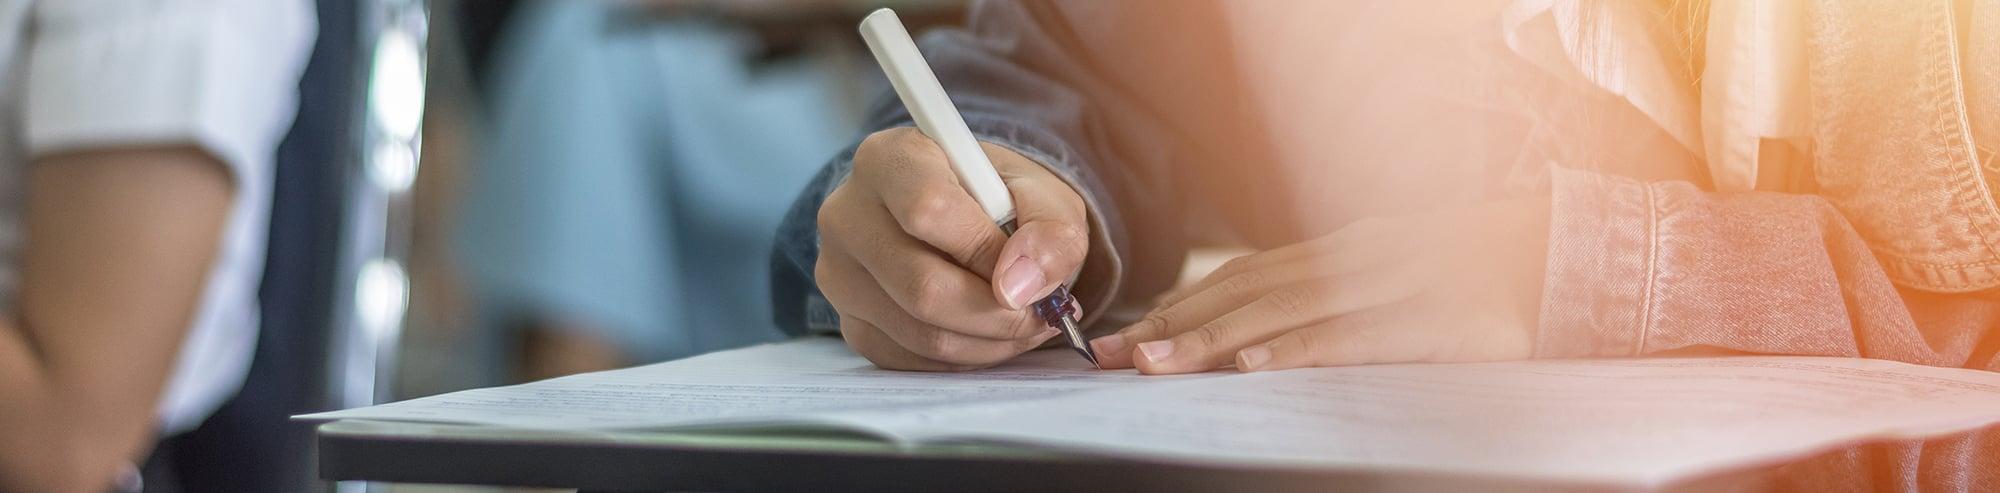 Curriculum, Instruction & Assessment